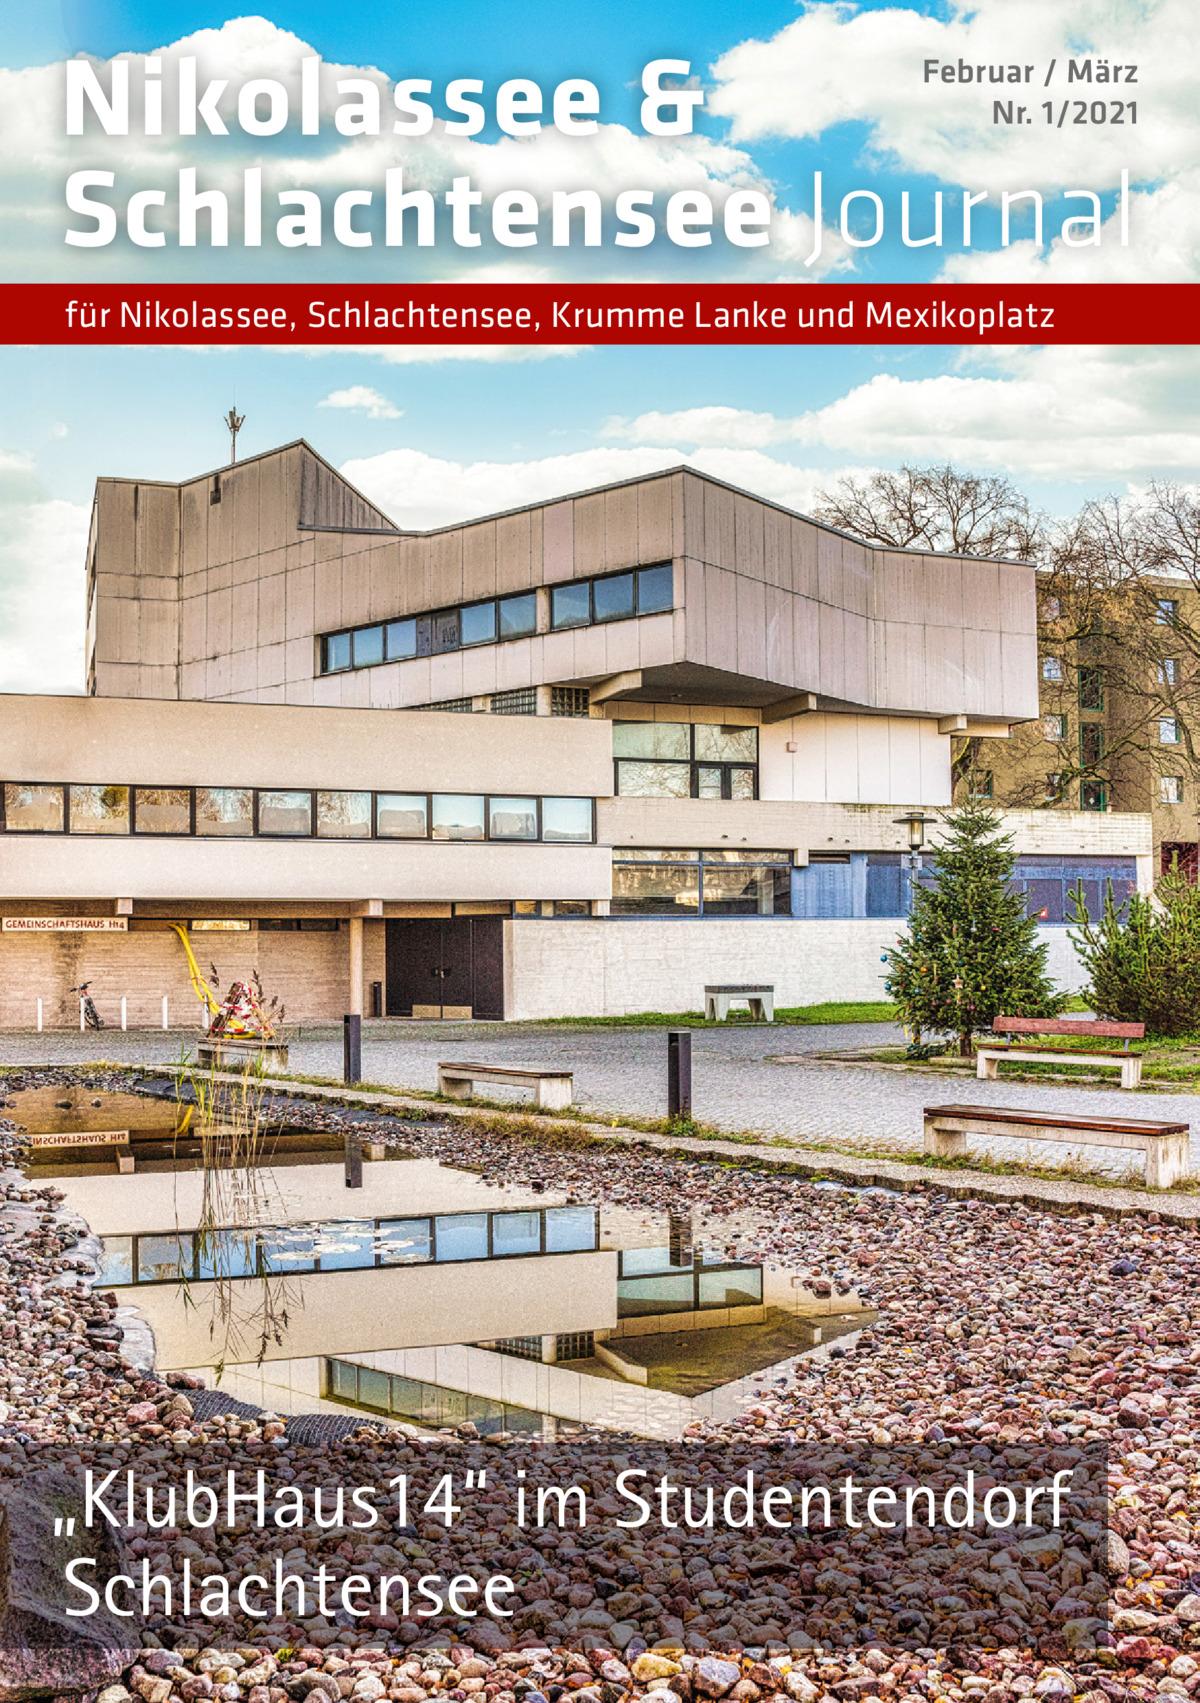 """Nikolassee & Schlachtensee Journal  Februar / März Nr. 1/2021  für Nikolassee, Schlachtensee, Krumme Lanke und Mexikoplatz  """"KlubHaus14"""" im Studentendorf Schlachtensee"""